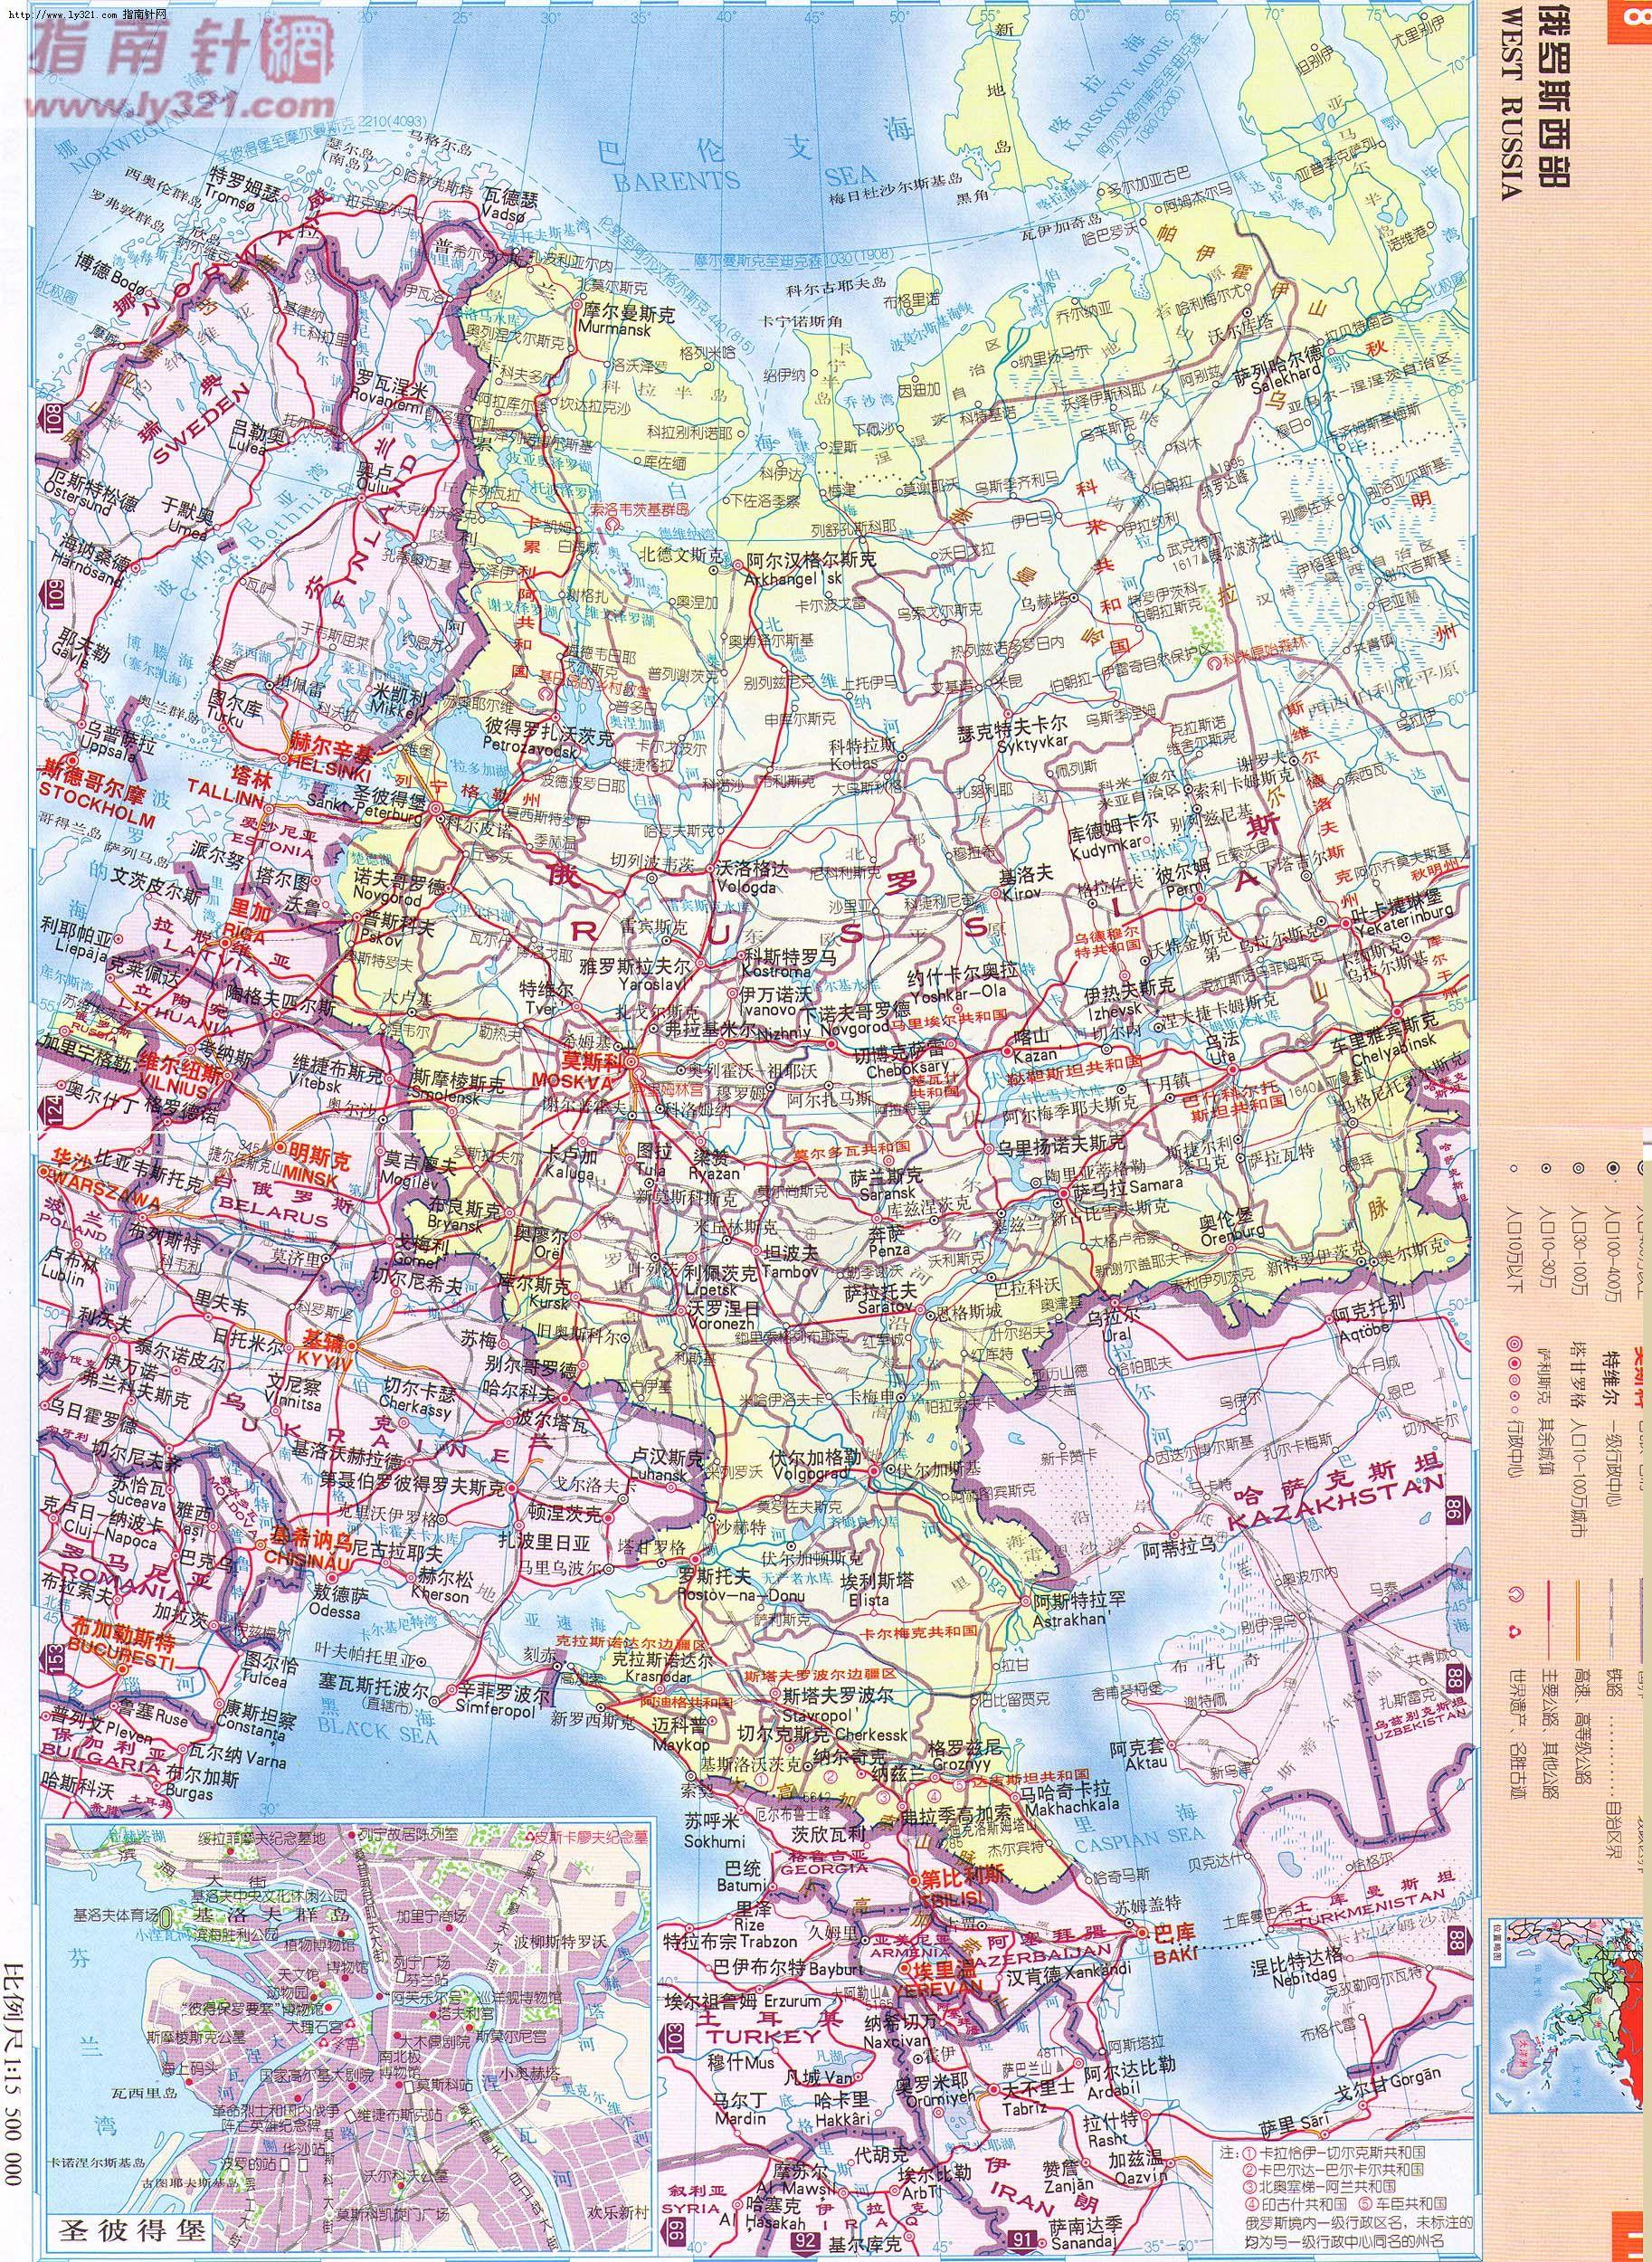 俄罗斯西部地图